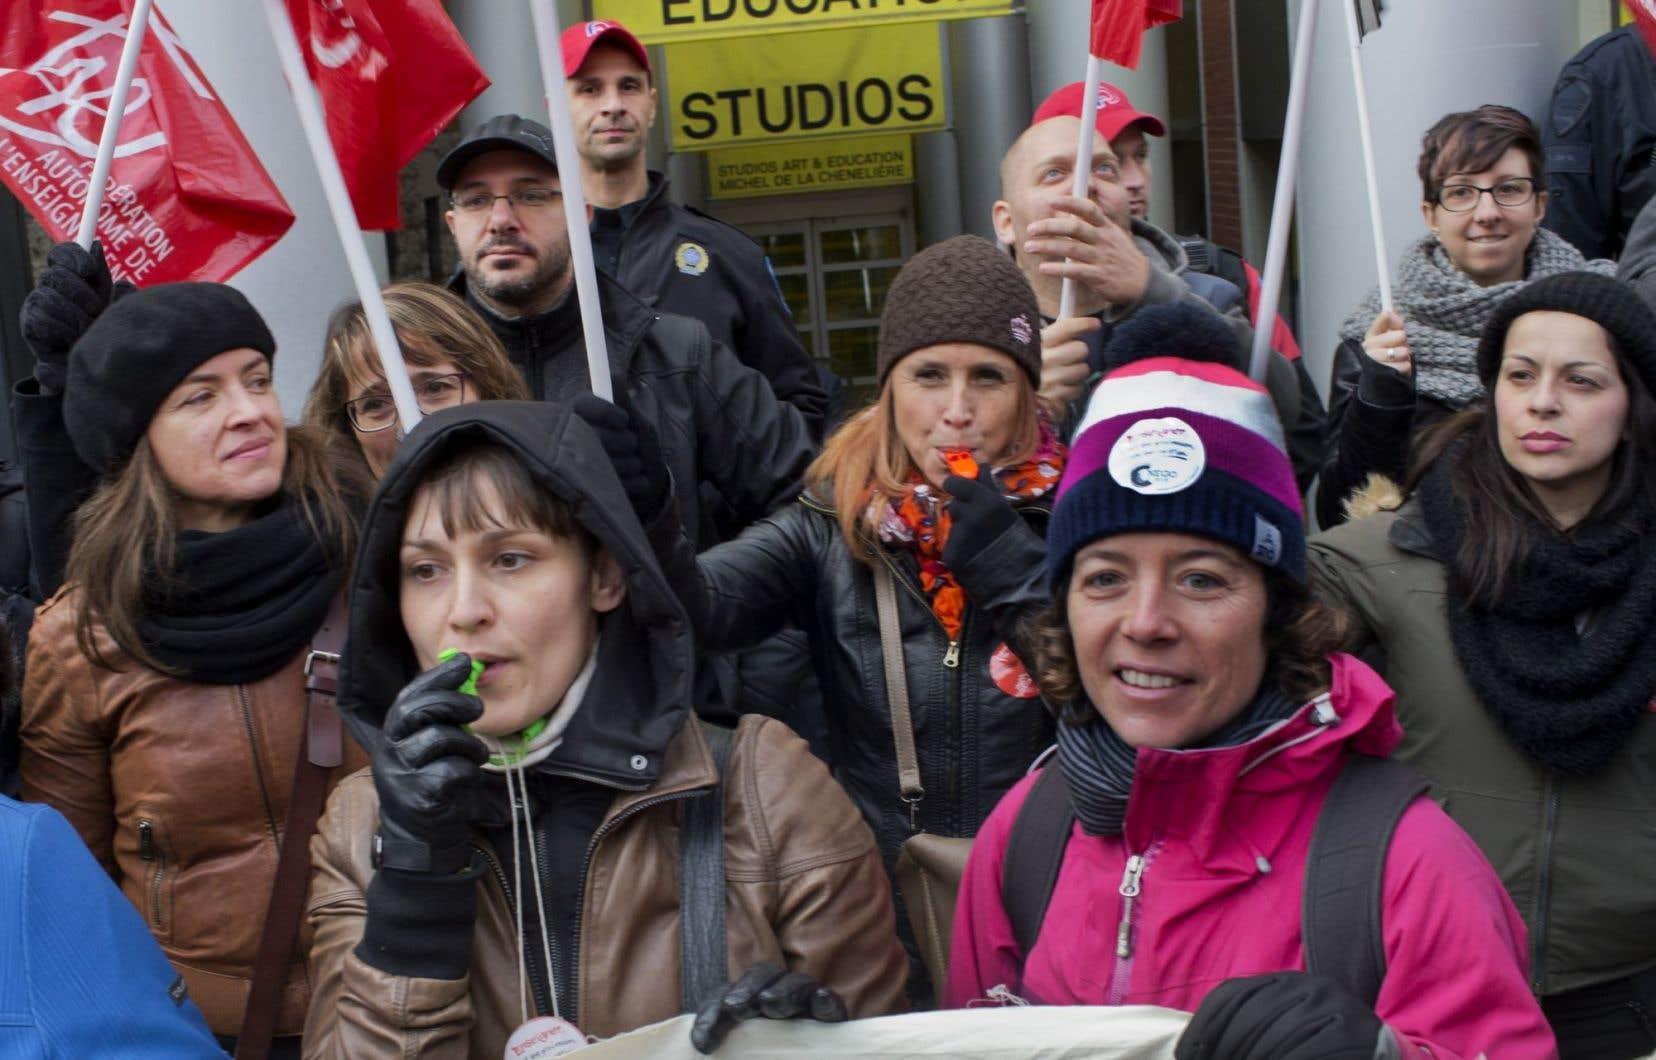 Les membres de la Fédération autonome de l'enseignement (FAE), n'en sont pas arrivés à une entente de principe avec le gouvernement du Québec quant au renouvellement de leur convention collective.